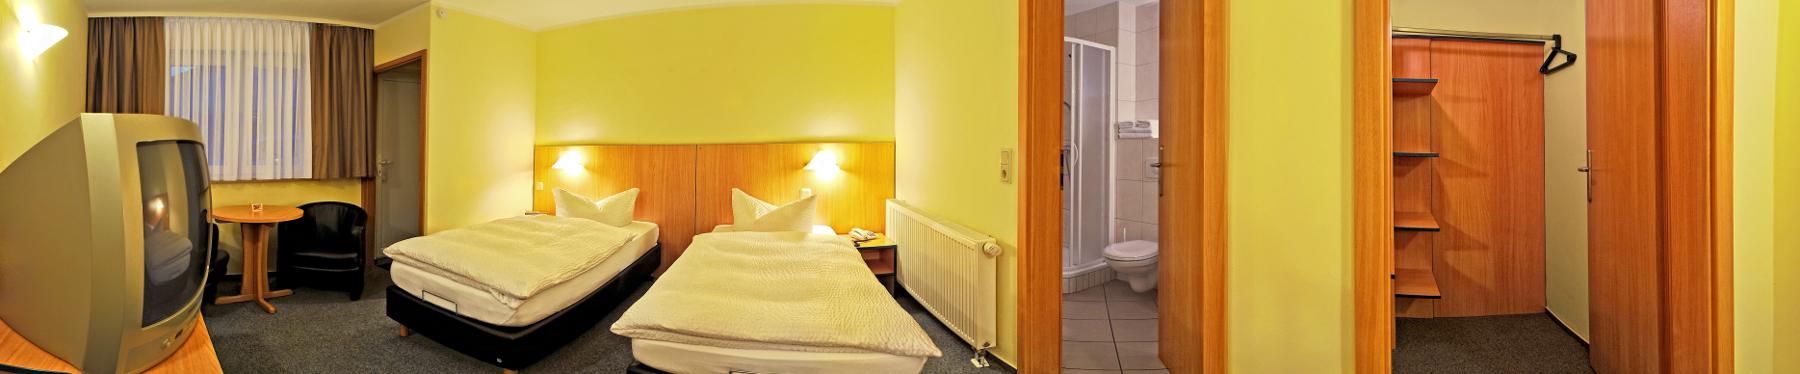 Hotel Oschersleben ,...